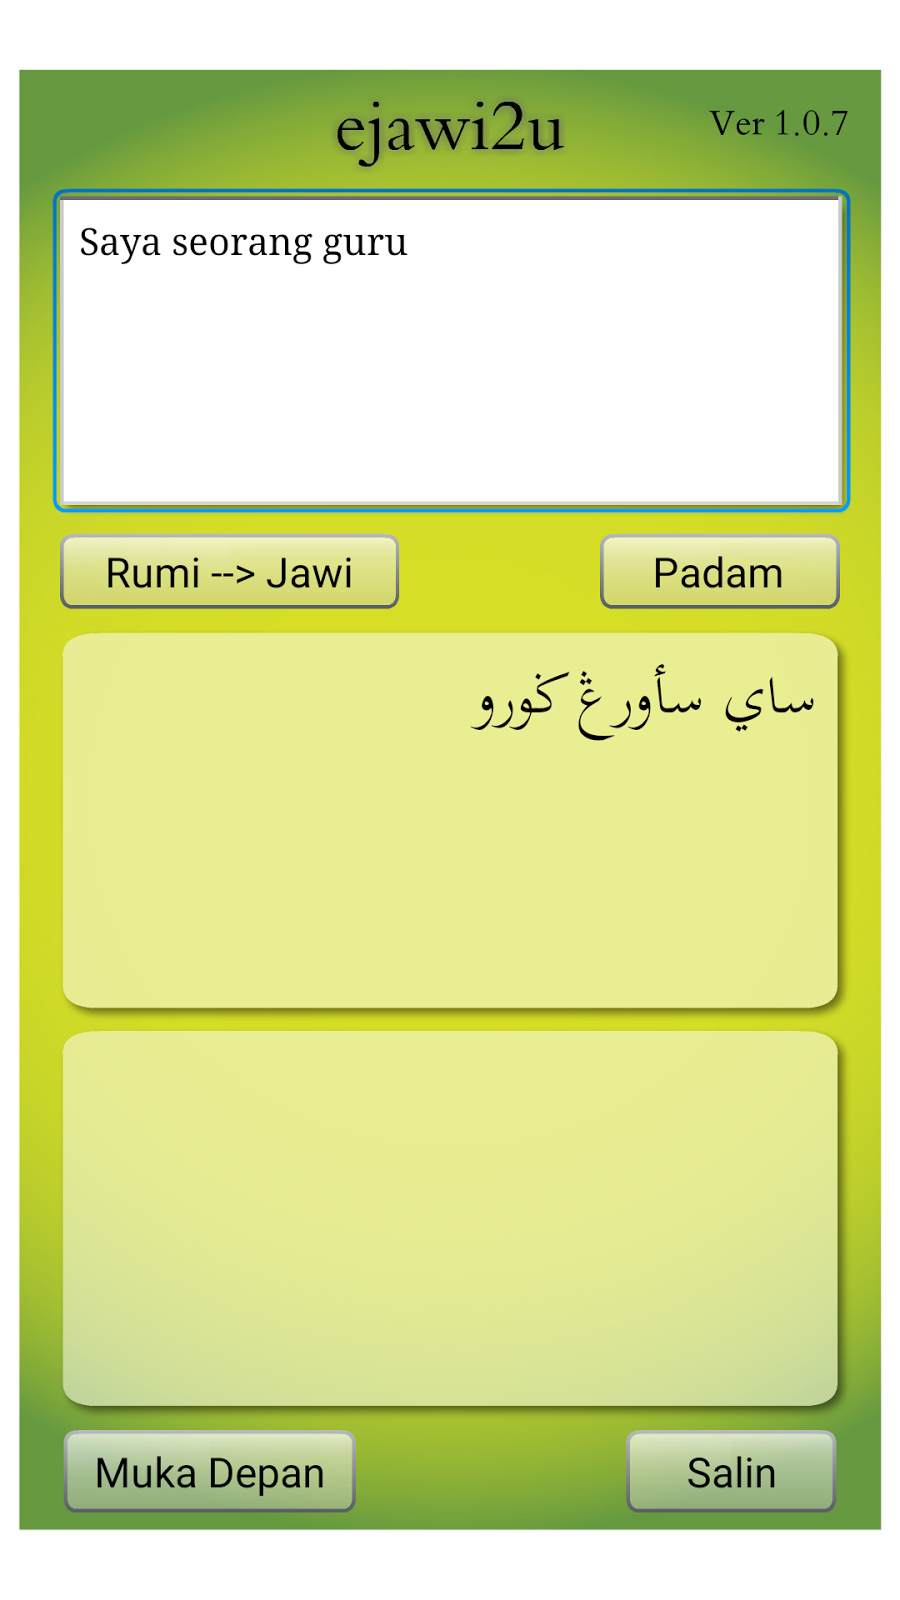 eJawi2u Aplikasi Terjemahan Rumi ke Jawi Terbaik